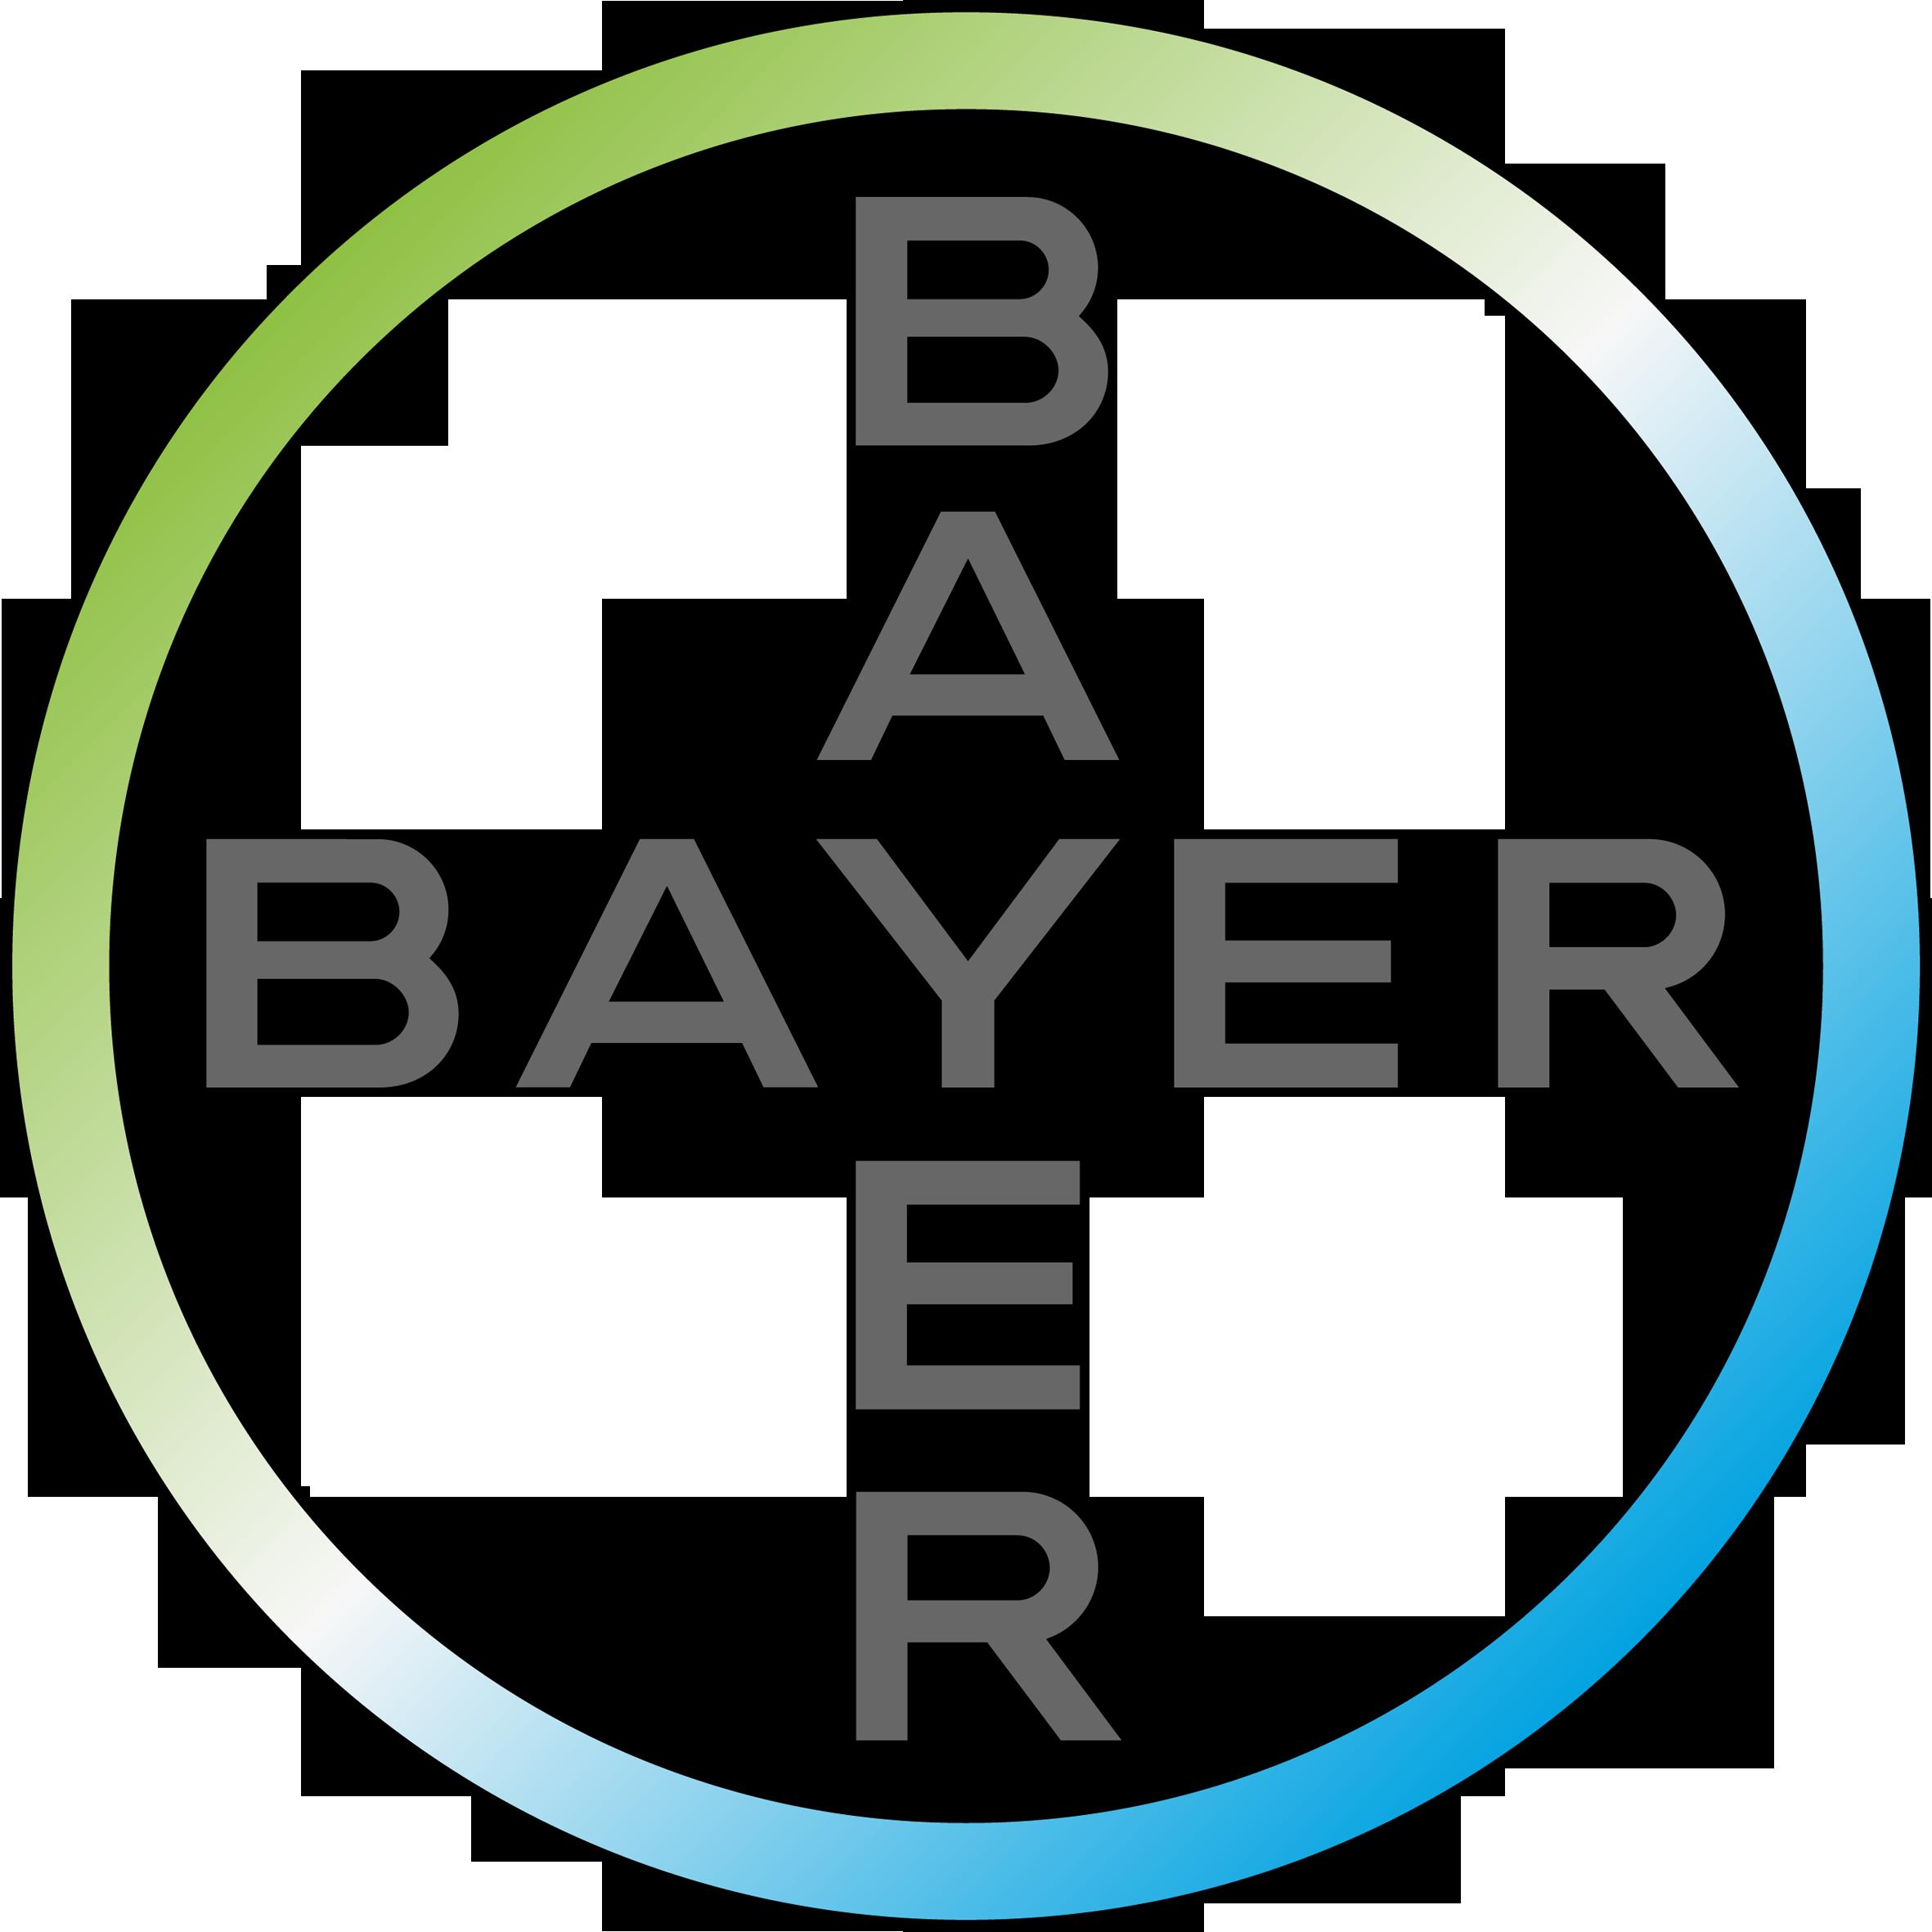 bayer-ag-logo.jpg